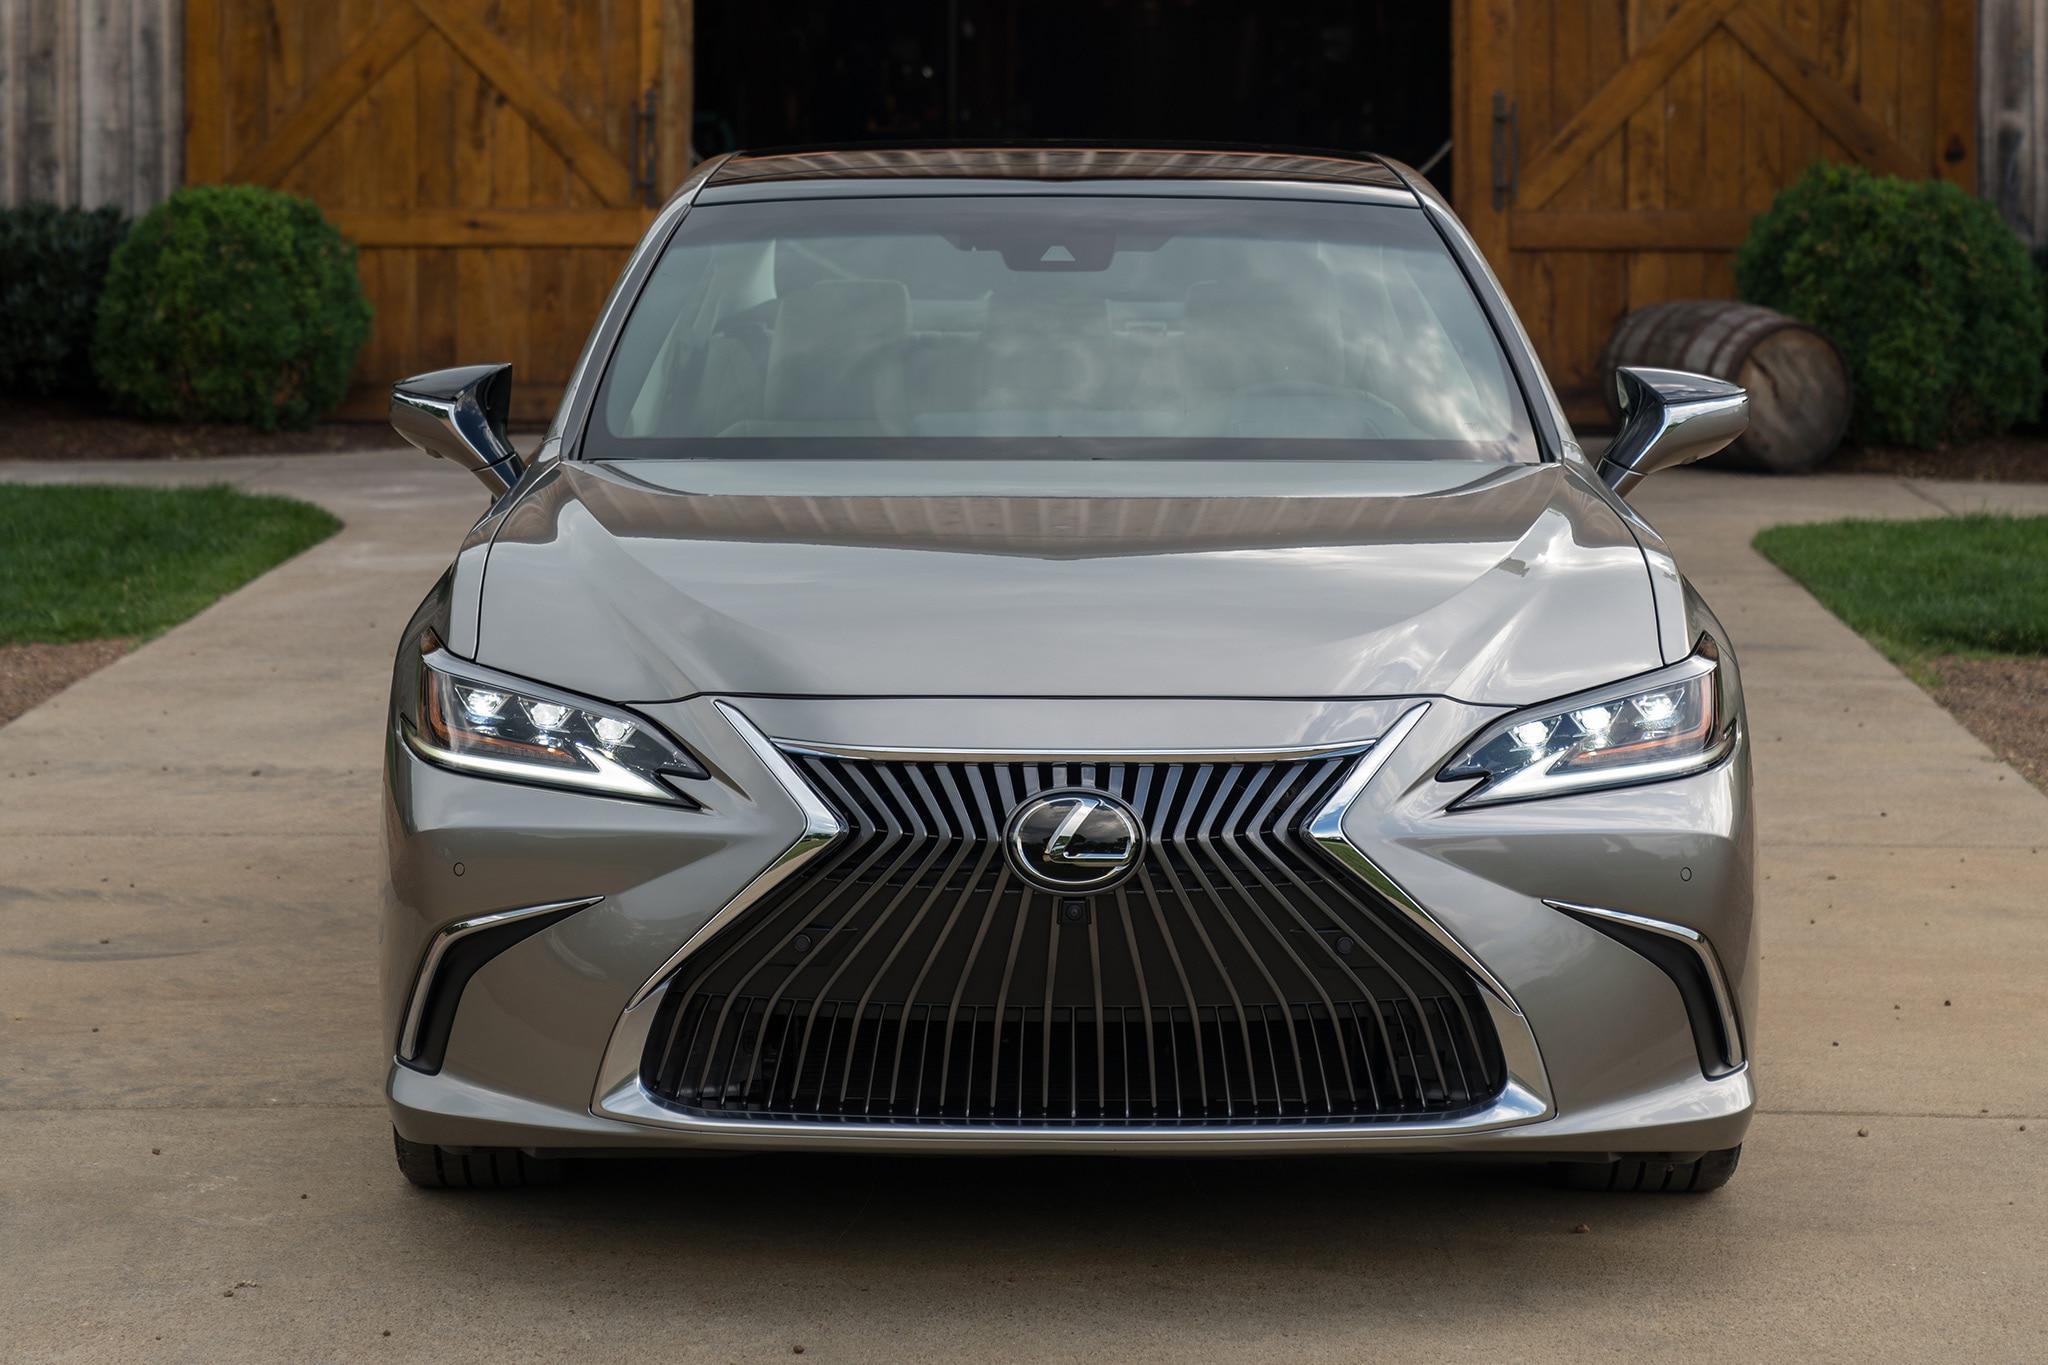 2018 Lexus Es 350 >> 2019 Lexus ES 350 First Drive Review | Automobile Magazine